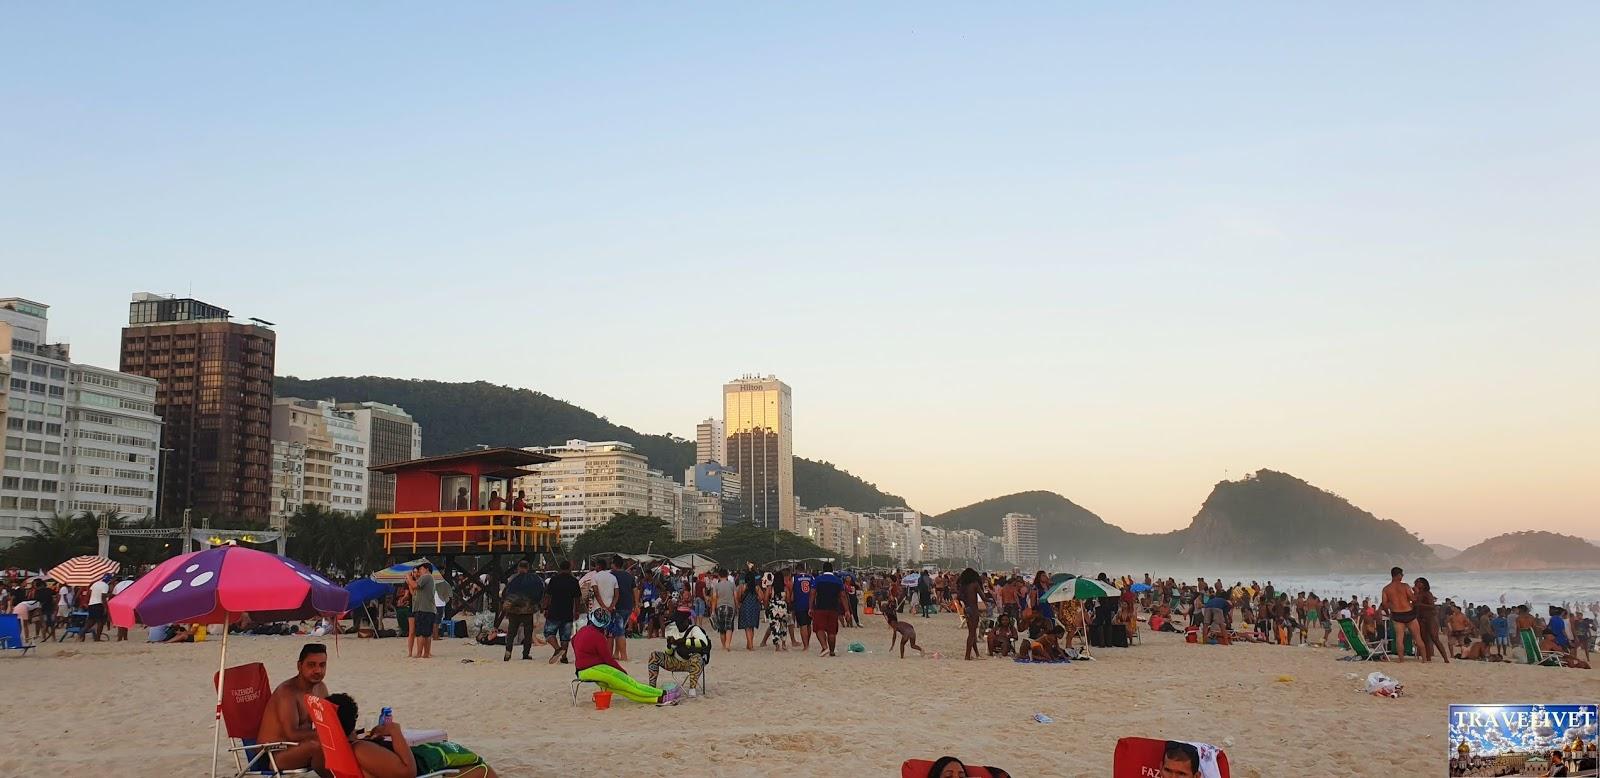 Brésil Rio de Janeiro plage Copacabana